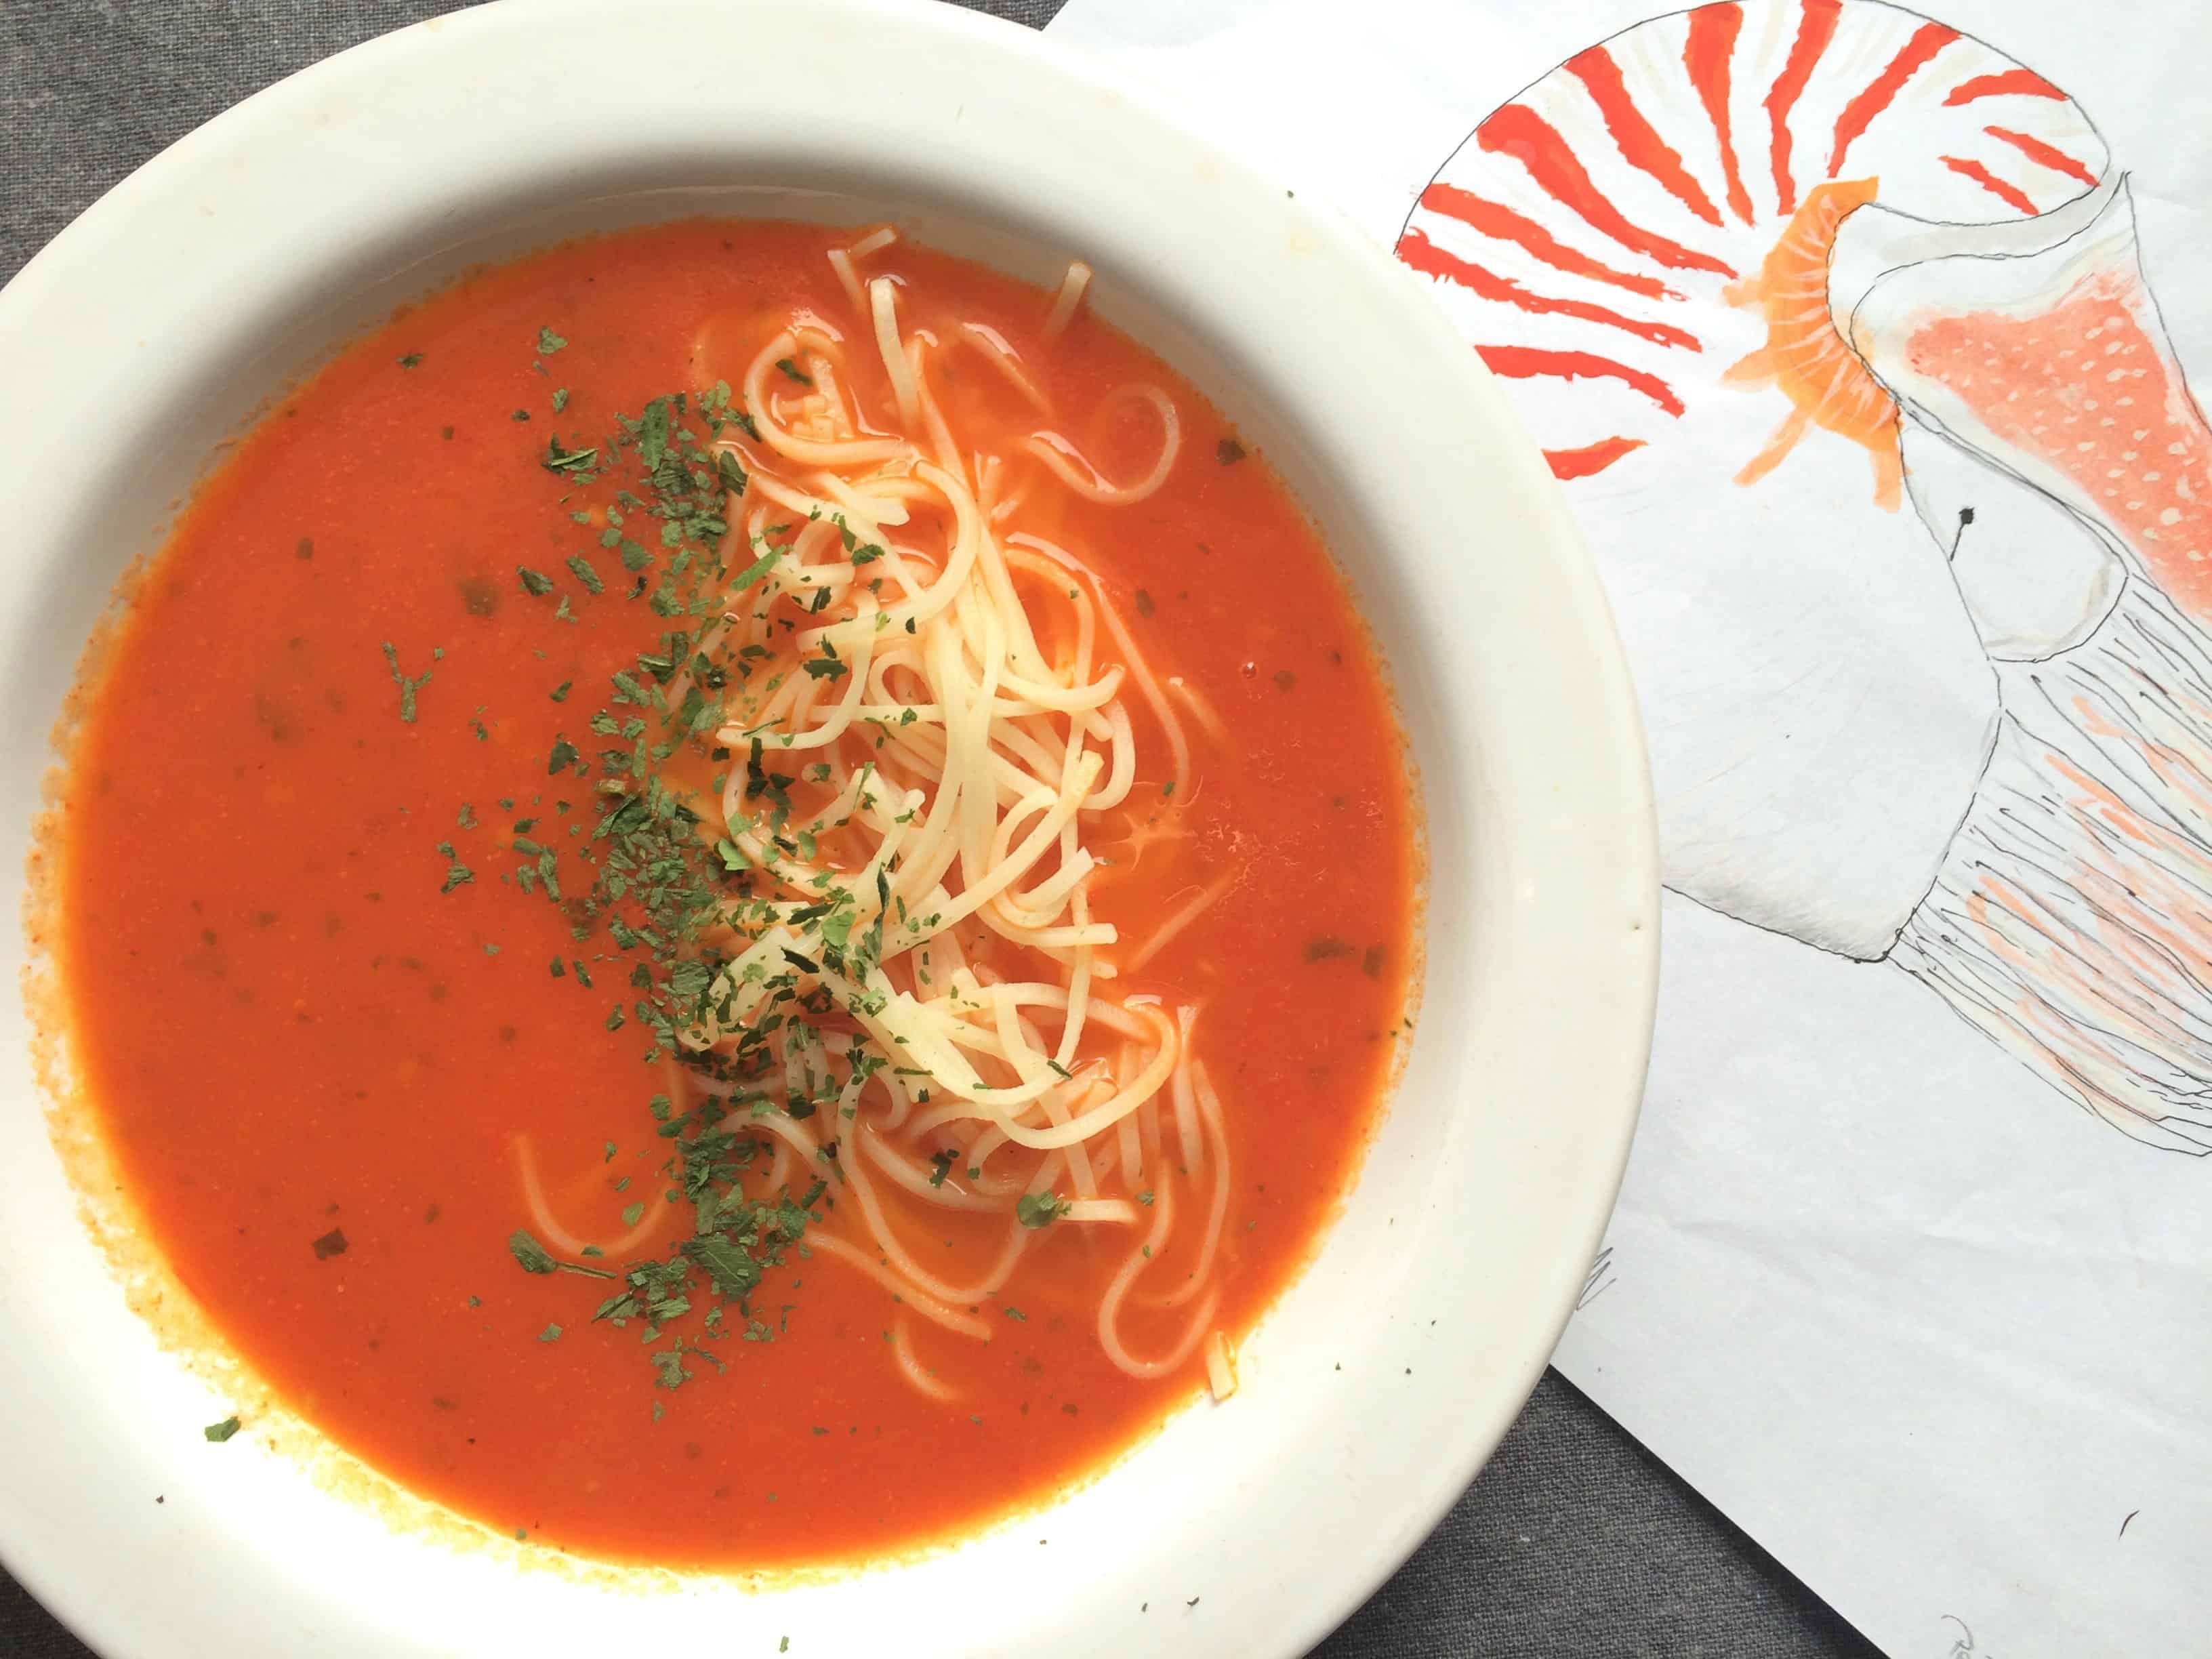 zupa pomidorwa z czosnkiem i pławikiem